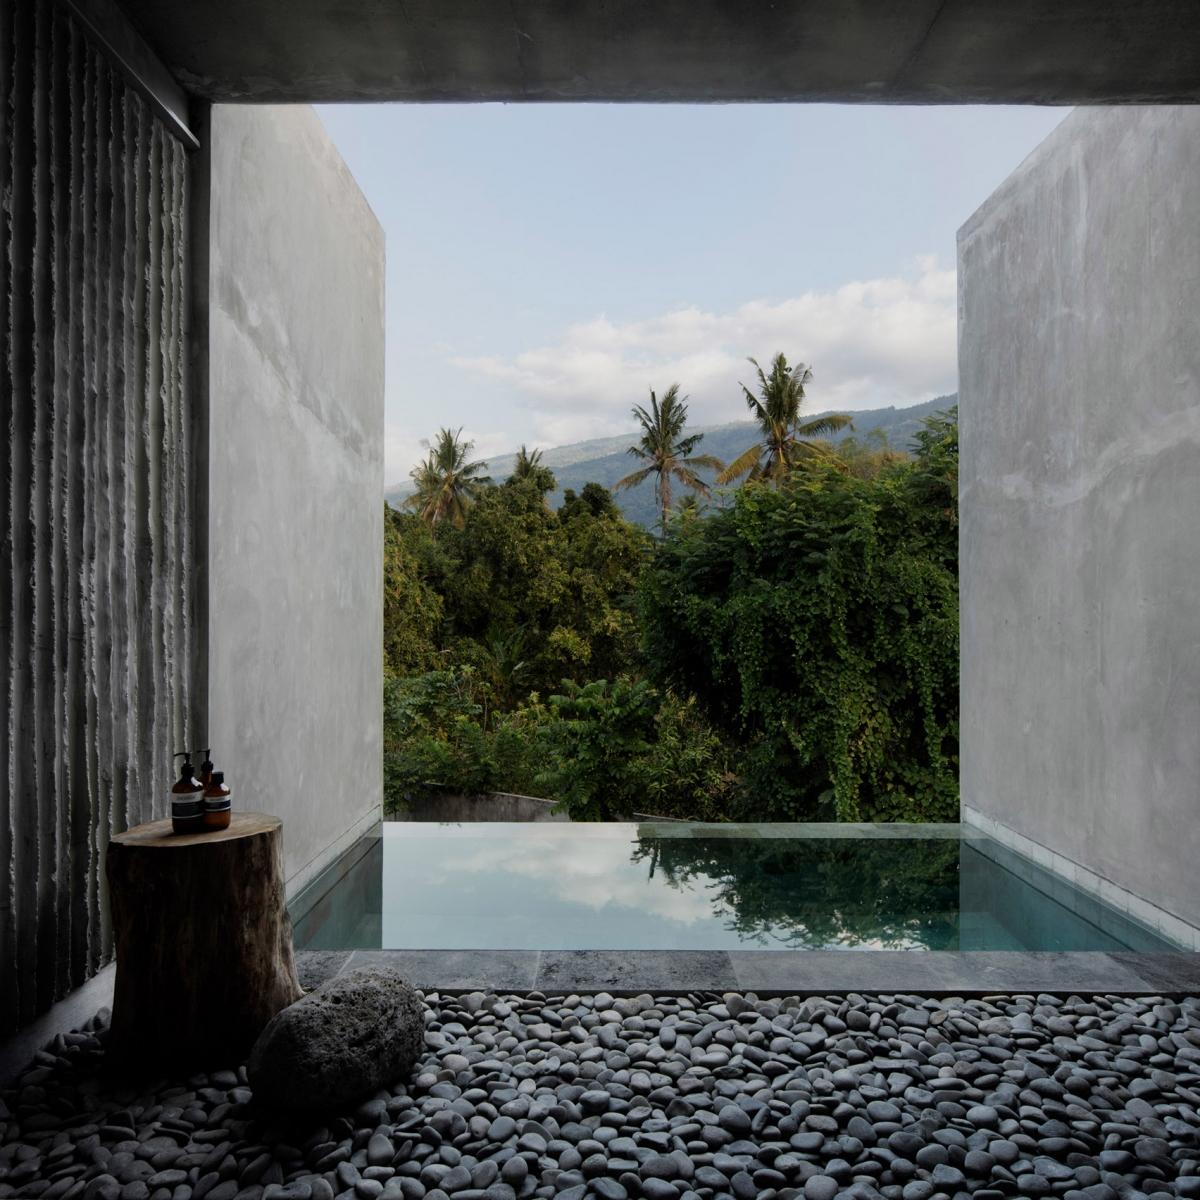 Khách sạn The Tiing ở Bali thực hiện bởi kiến trúc sư Nic Brunsdon. Khách sạn xây dựng theo kiểu boutique trong một cánh rừng già ở phía Bắc Bali. Khách sạn có 14 phòng, được nhận xét là có sự kết nối mạnh mẽ với thiên nhiên.